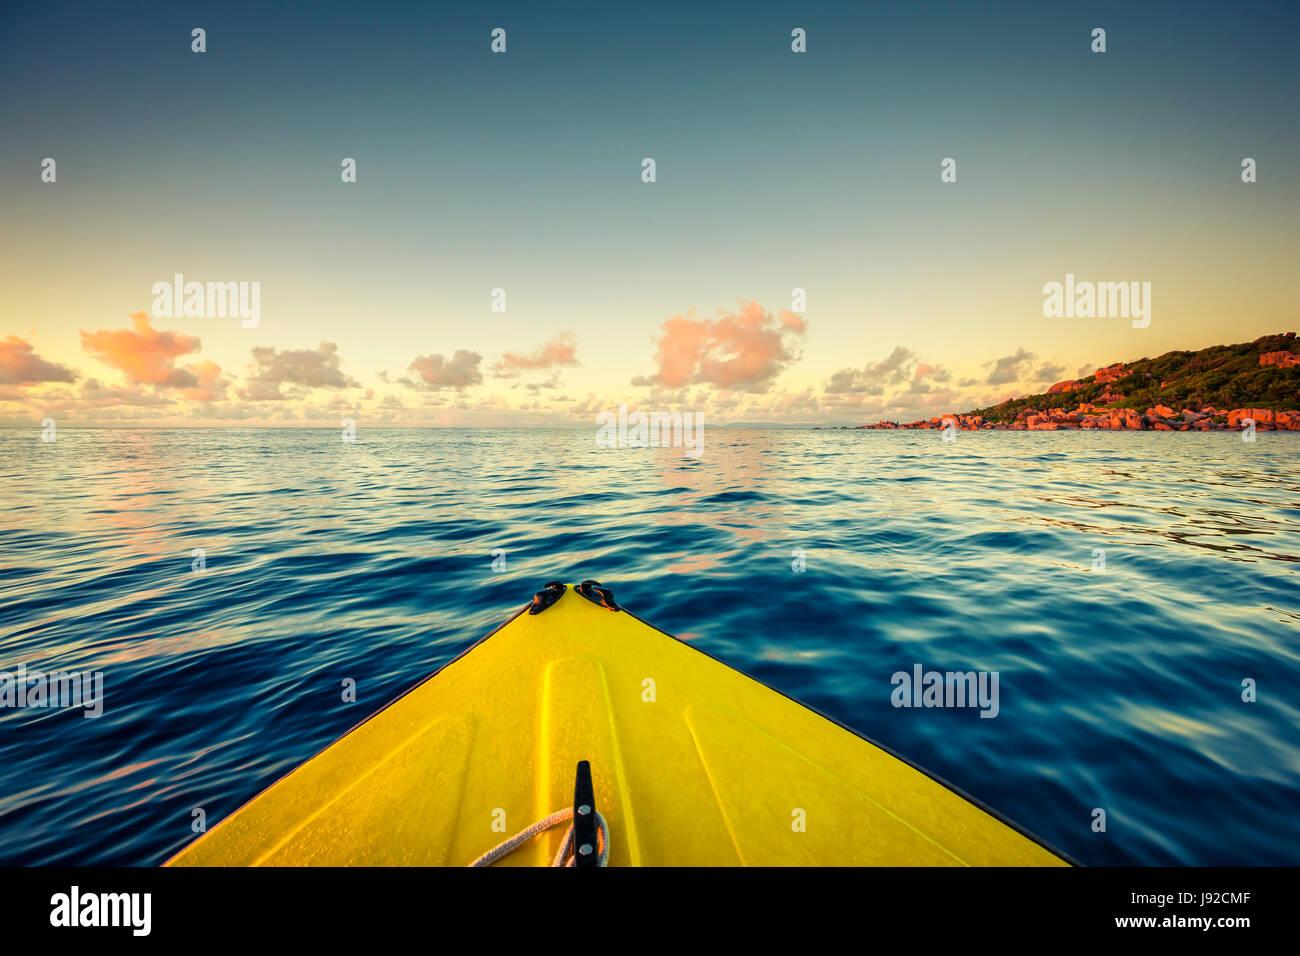 La voile sur le bateau jaune près de l'île de La Digue, Seychelles Photo Stock